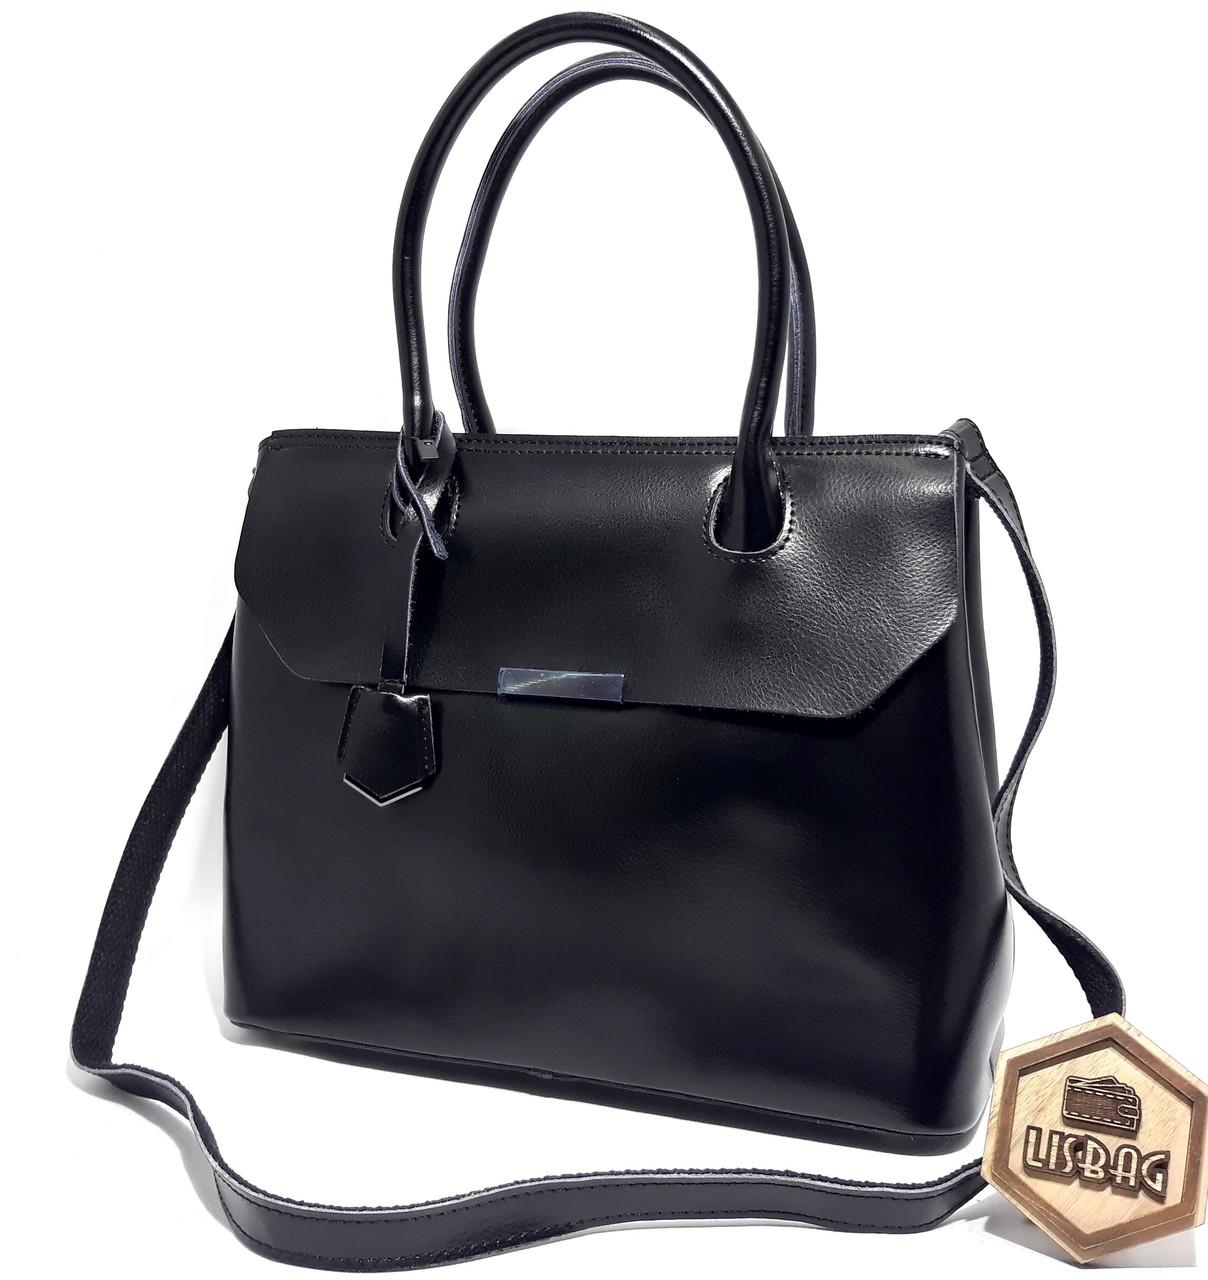 34f4717220af Большая вместительная женская сумка из натуральной плотной кожи, Черная  Galanty - Интернет магазин Lisbag в